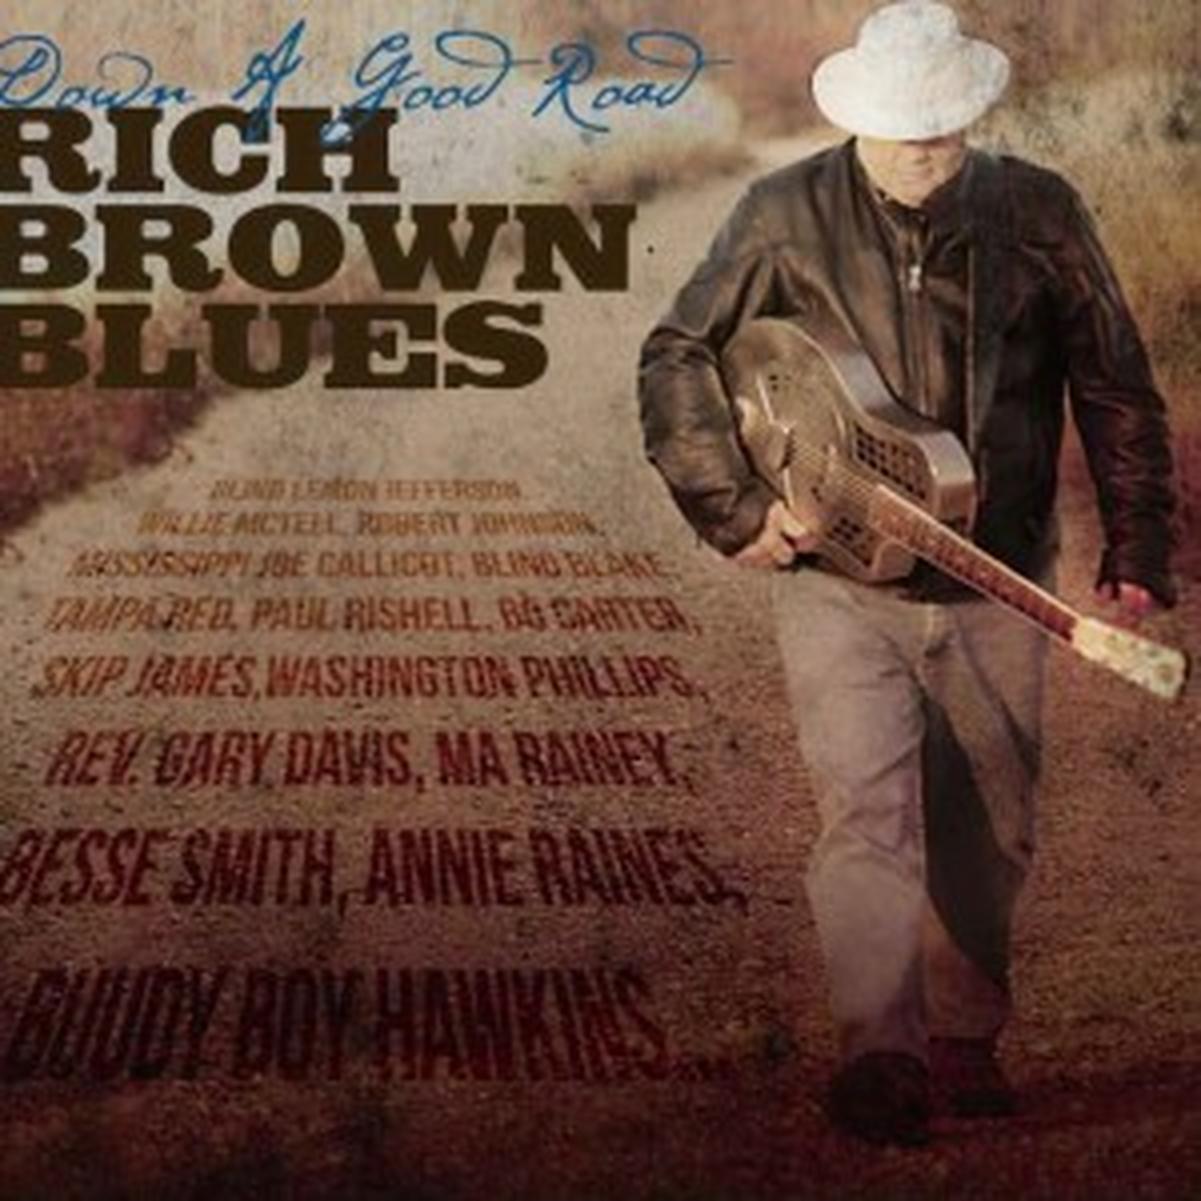 Rich Brown Blues